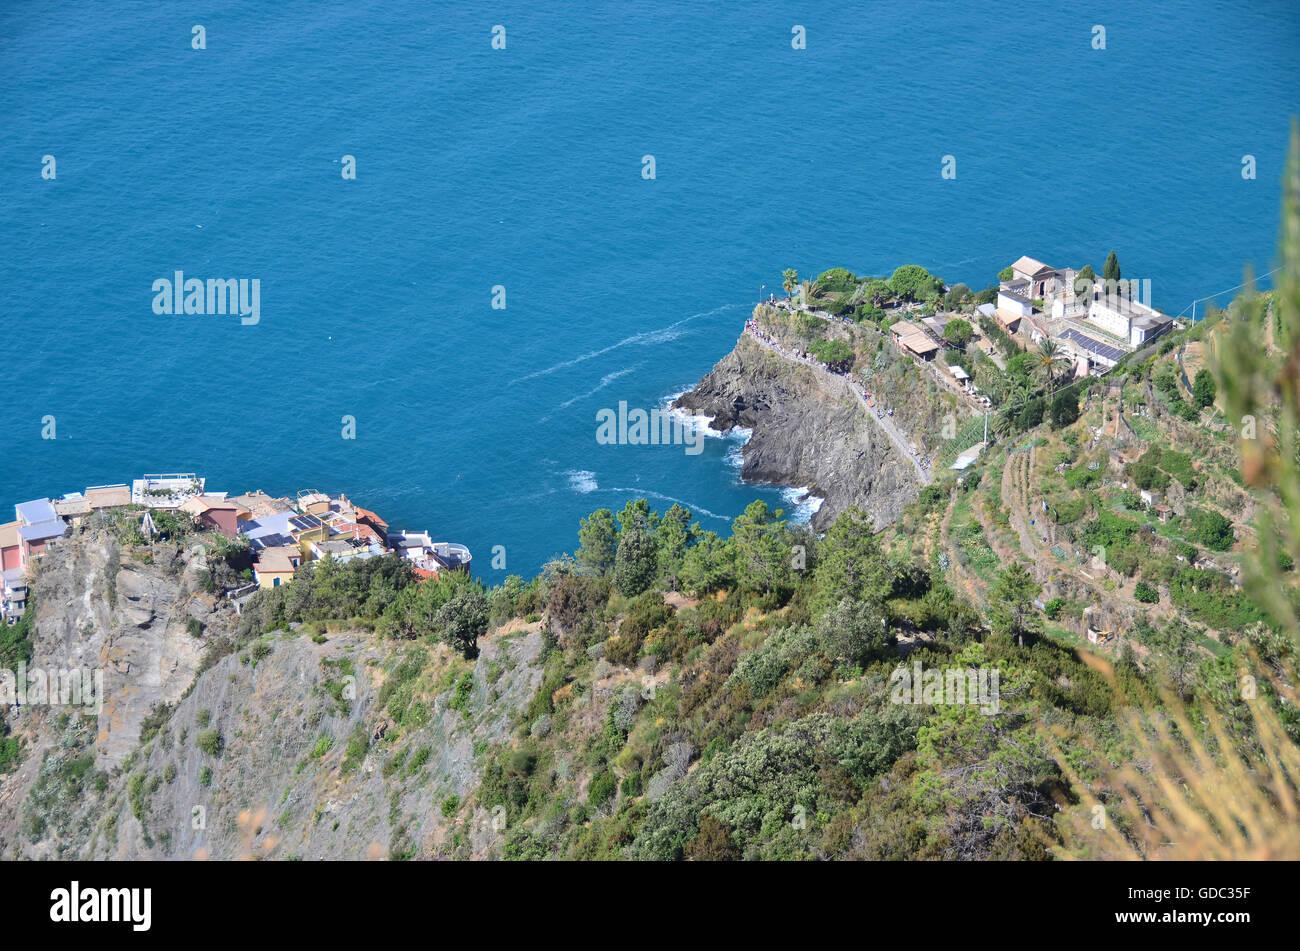 La destinazione di vacanza popolare di Manarola nel roccioso isolato e Cinque Terre,sulla costa ligure Immagini Stock